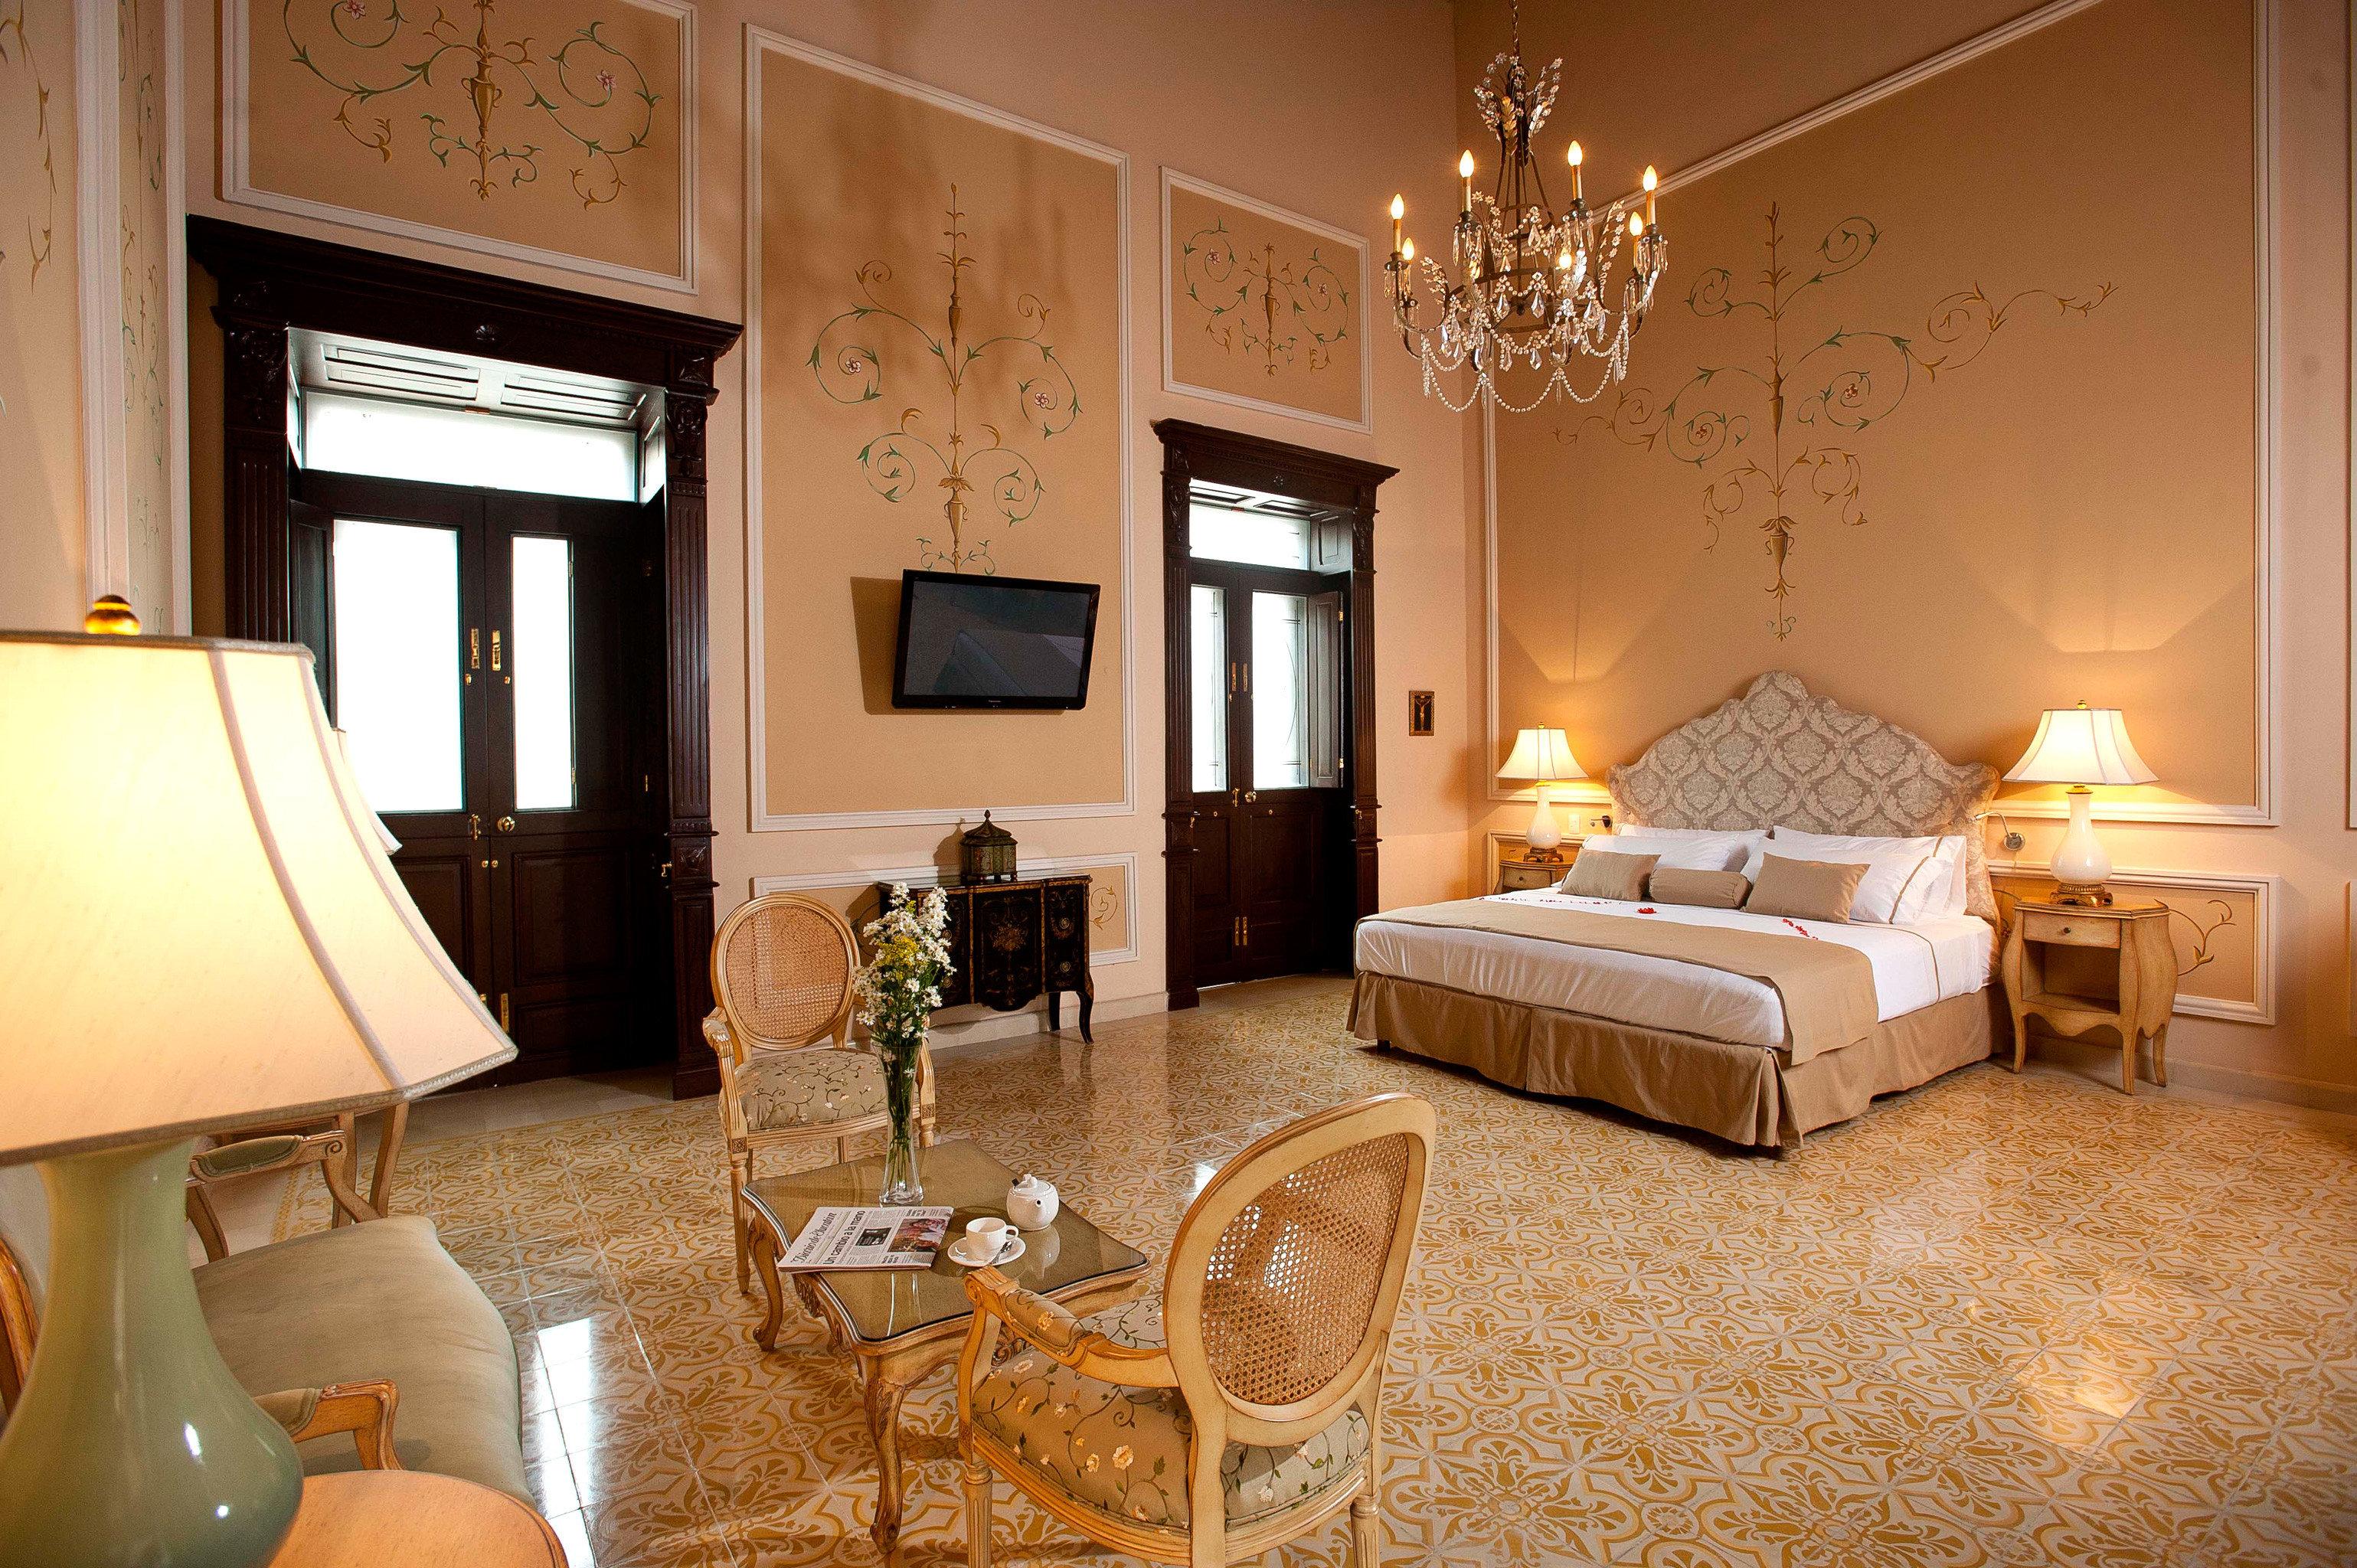 Bedroom Elegant Suite property home cottage living room hardwood farmhouse Villa